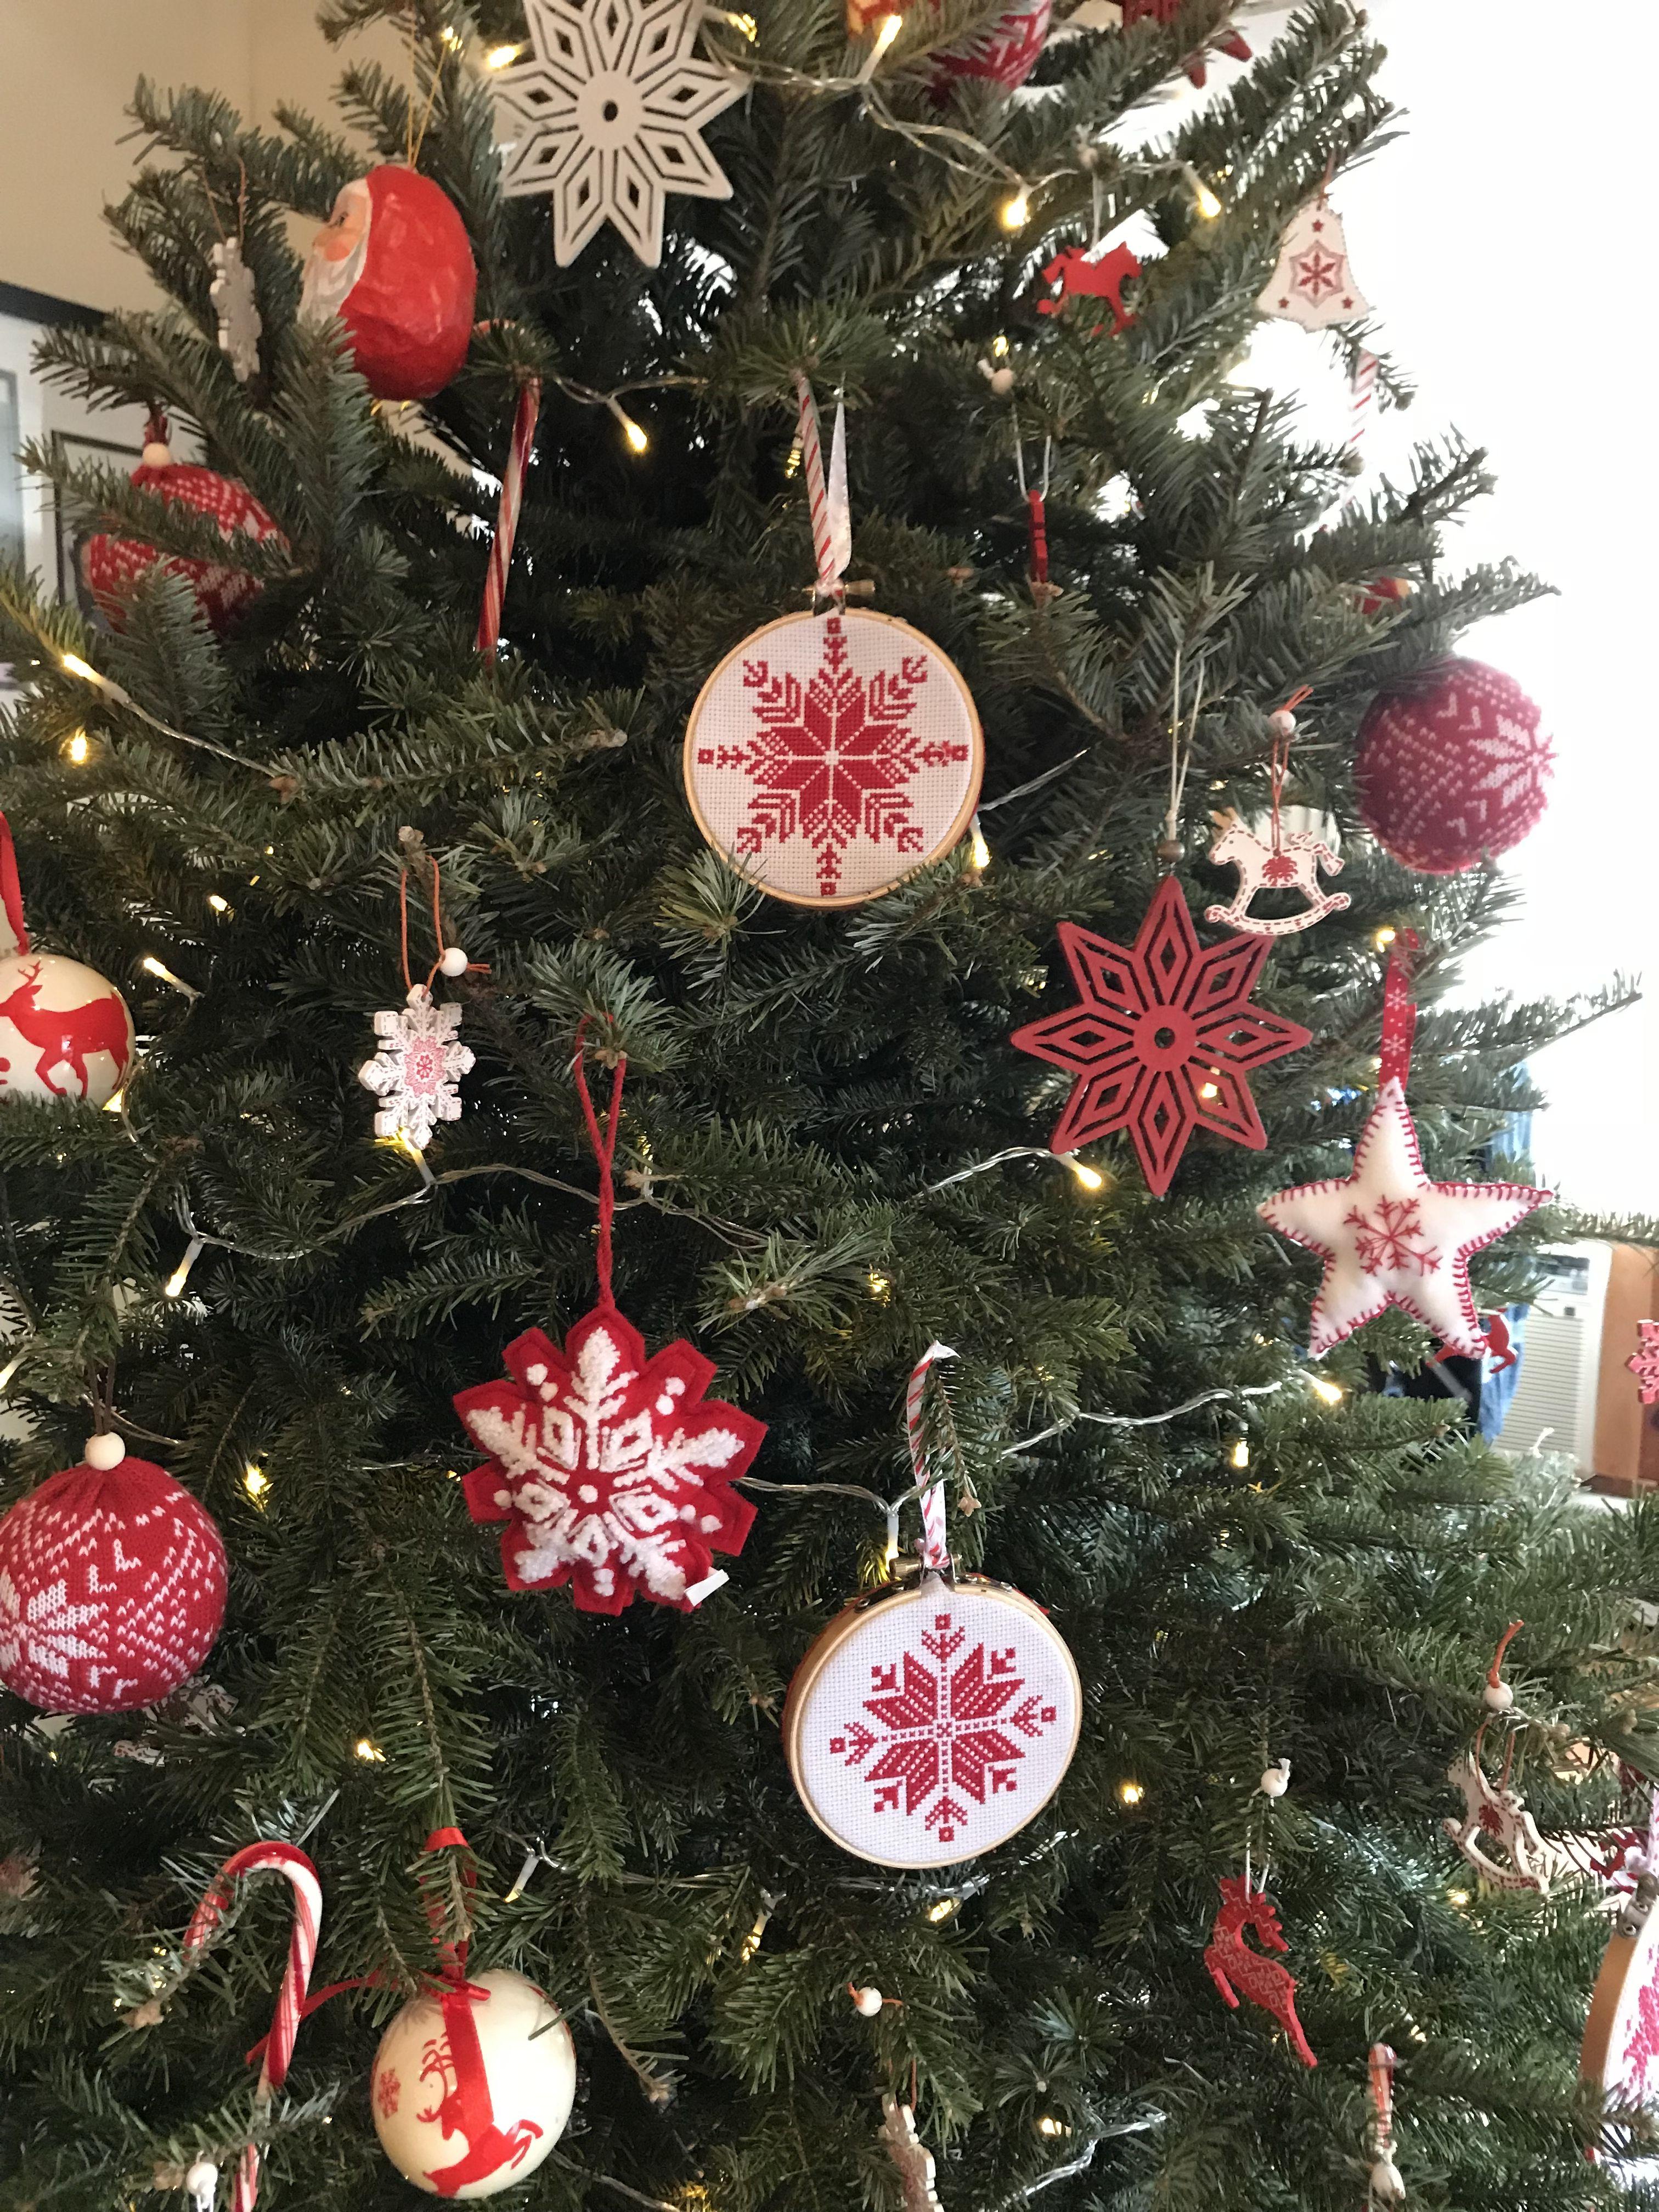 2018 Christmas tree - Nordic theme | Christmas tree themes, Red white christmas, Christmas bulbs